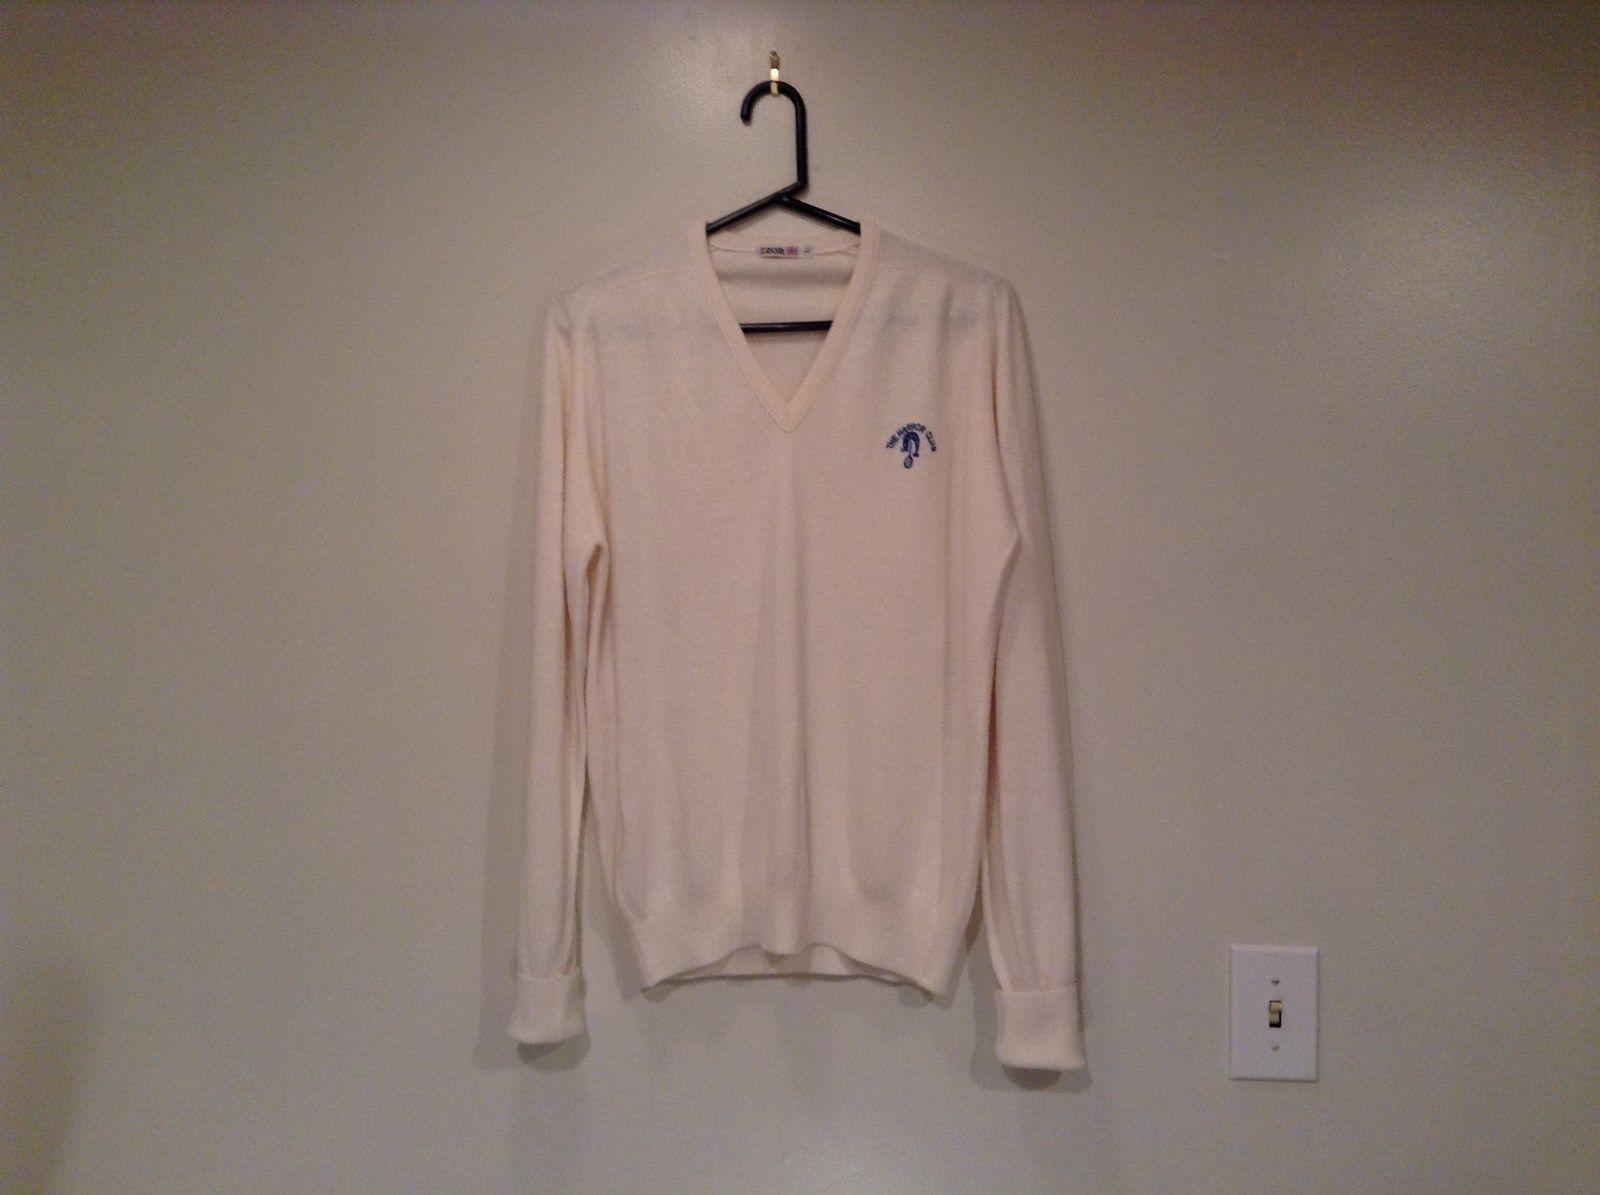 IZOD White V Neck 100 Percent Acrylic Long Sleeve Sweater Size Large No Tags